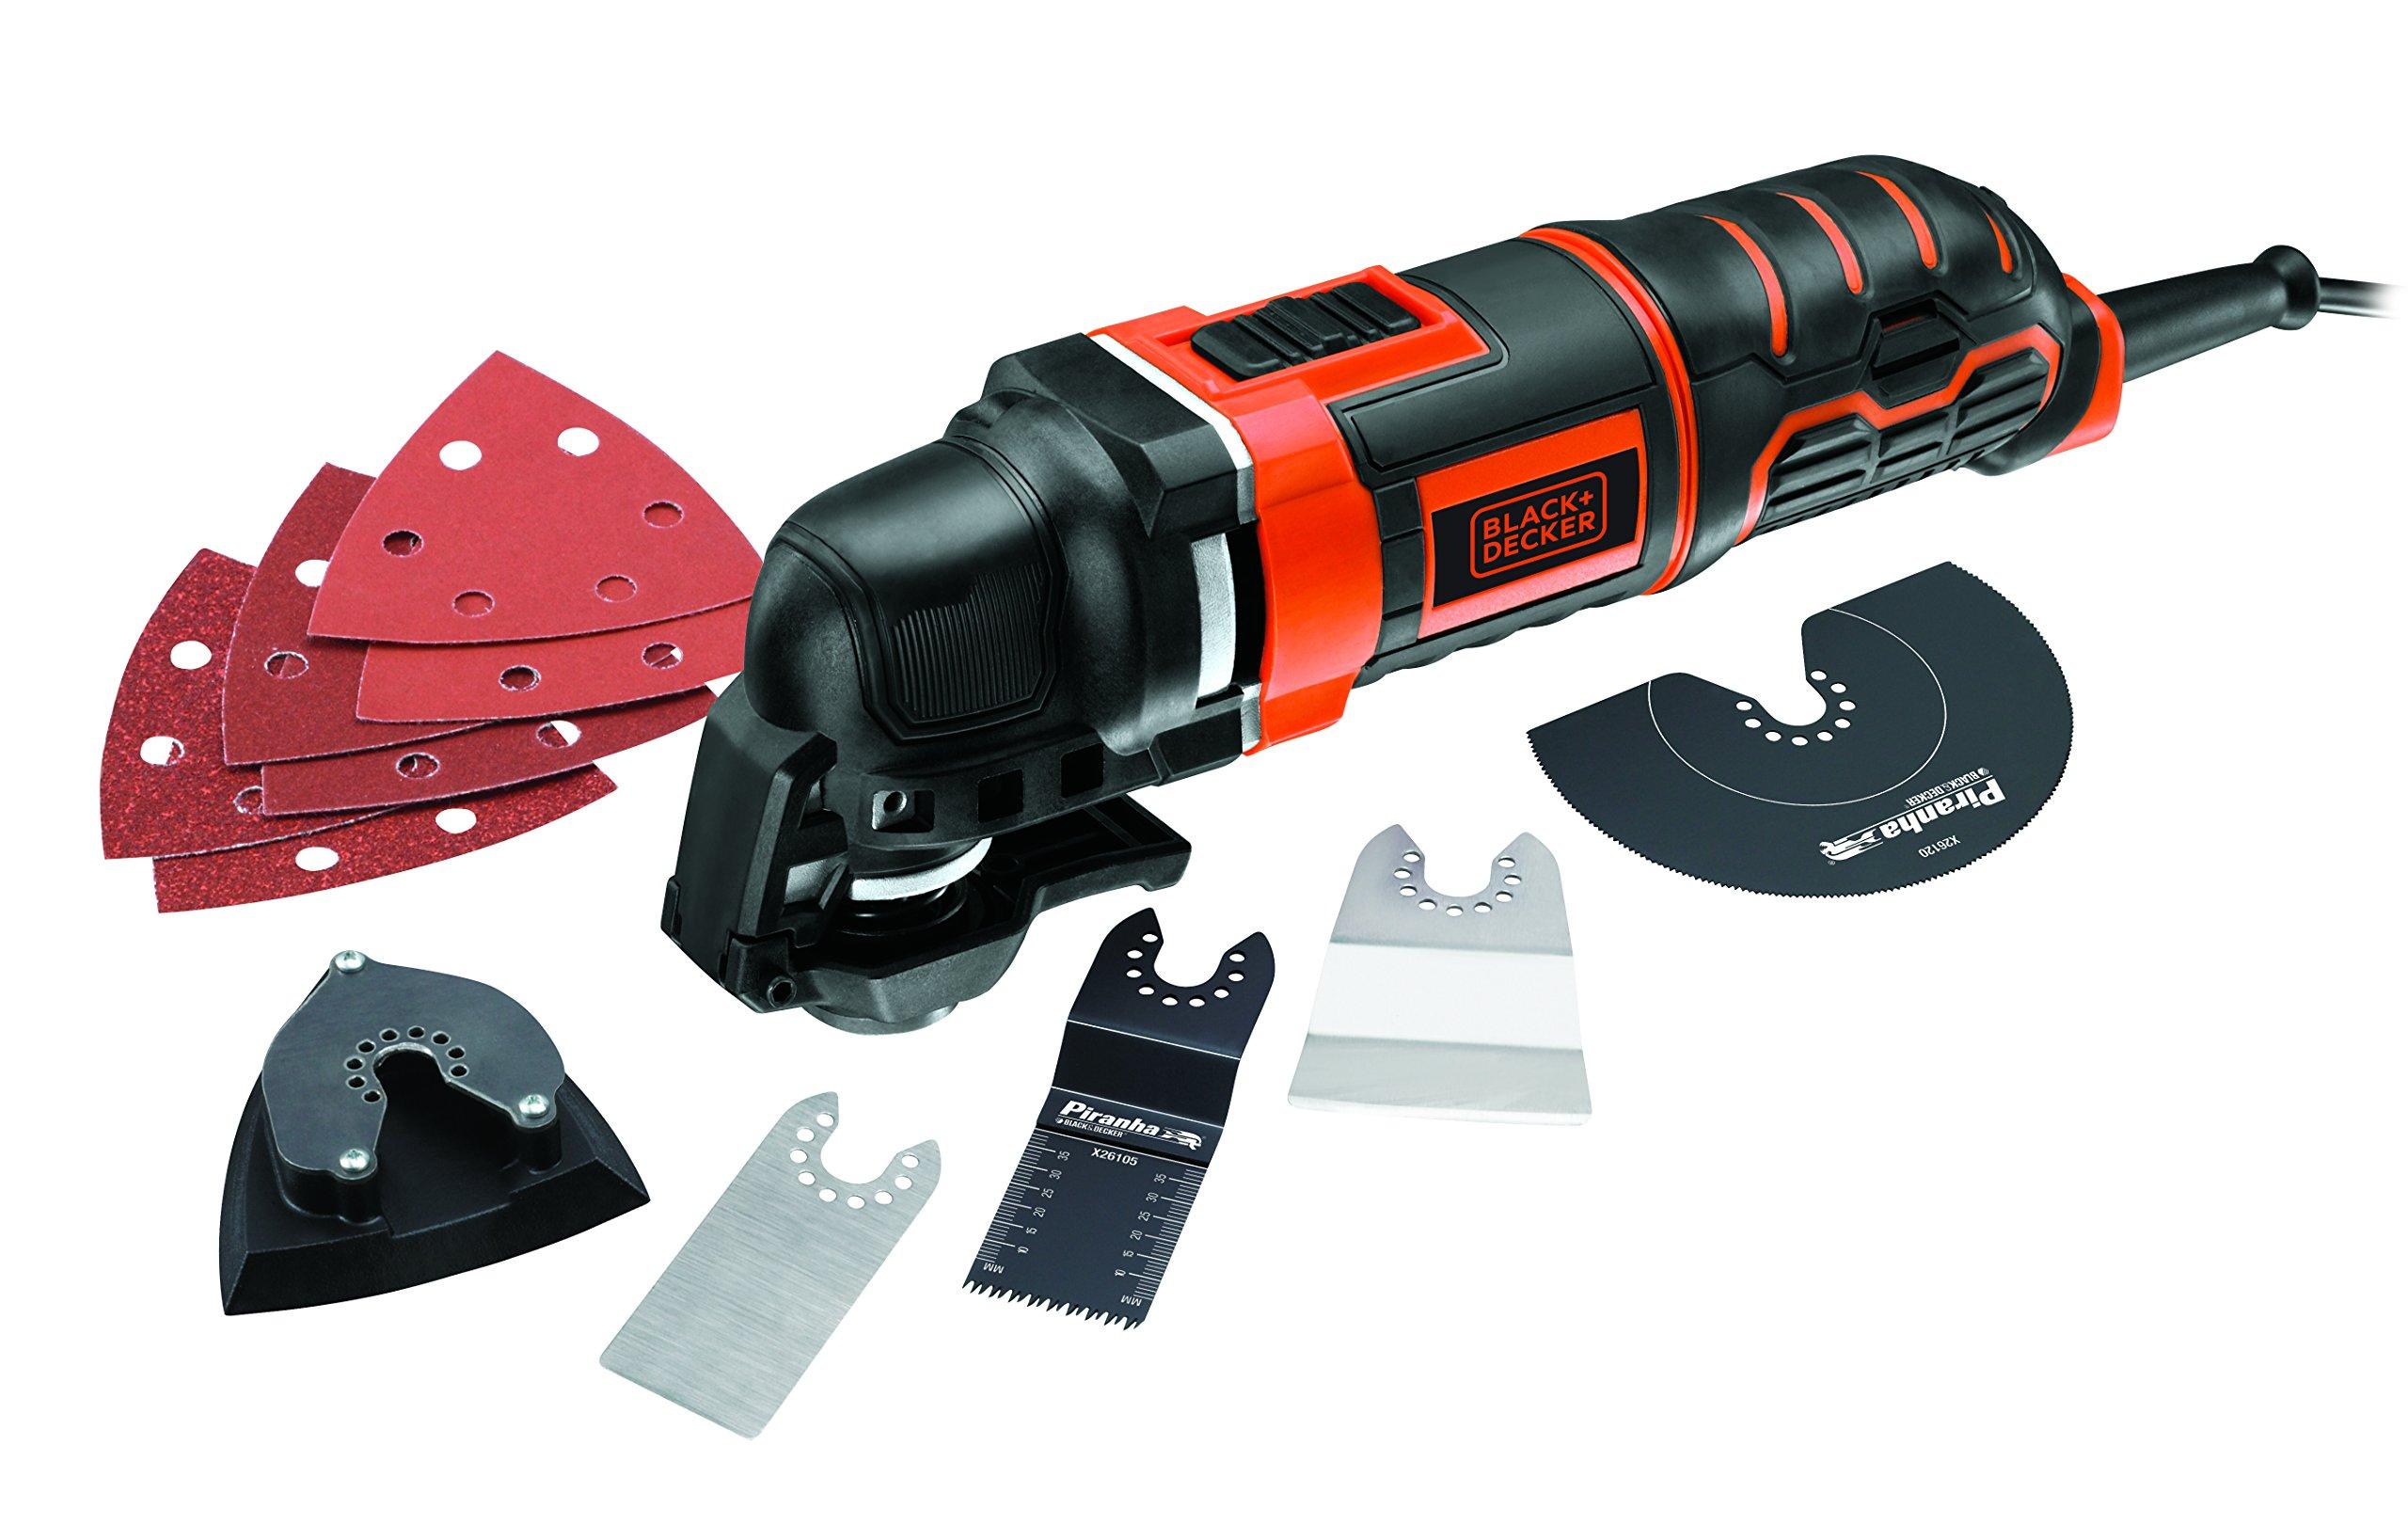 BLACK+DECKER MT300KA-QS Multiherramienta oscilante 300 W con 5 acoplamientos, 6 Hojas de Lija y maletín, 230 V product image